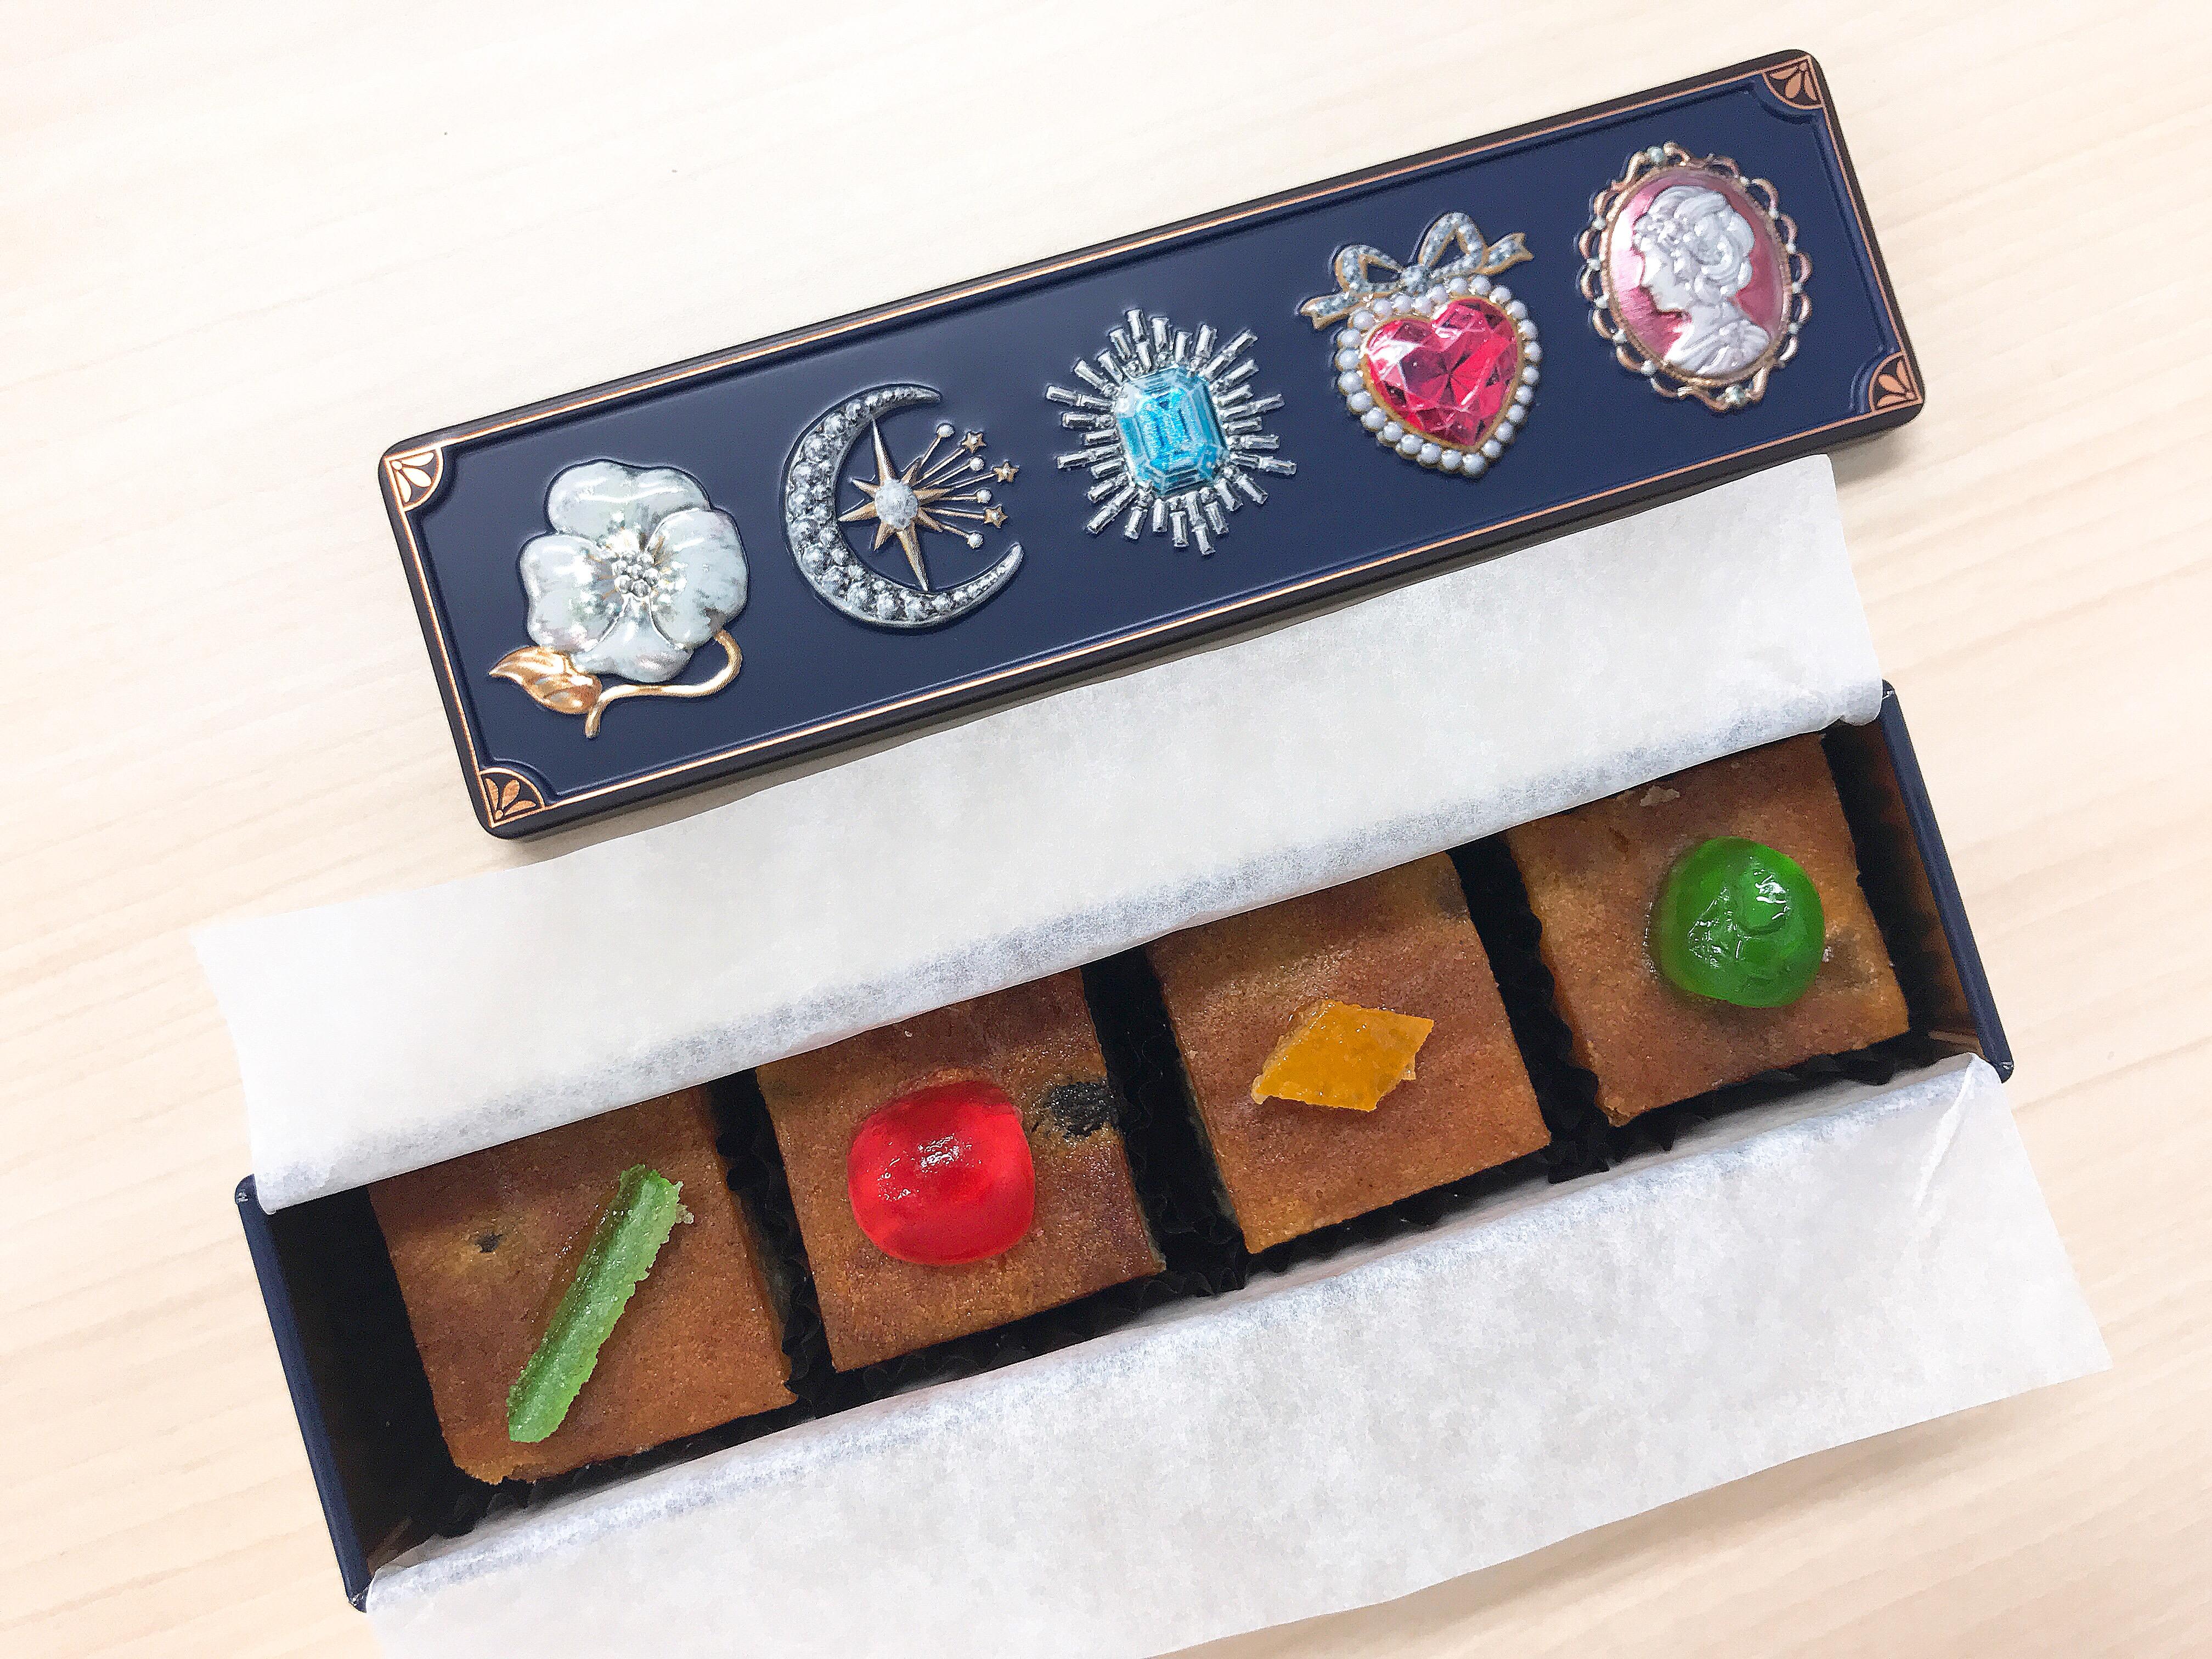 八千代市のタマミィーユの缶入りお菓子「キャトルビジュー」